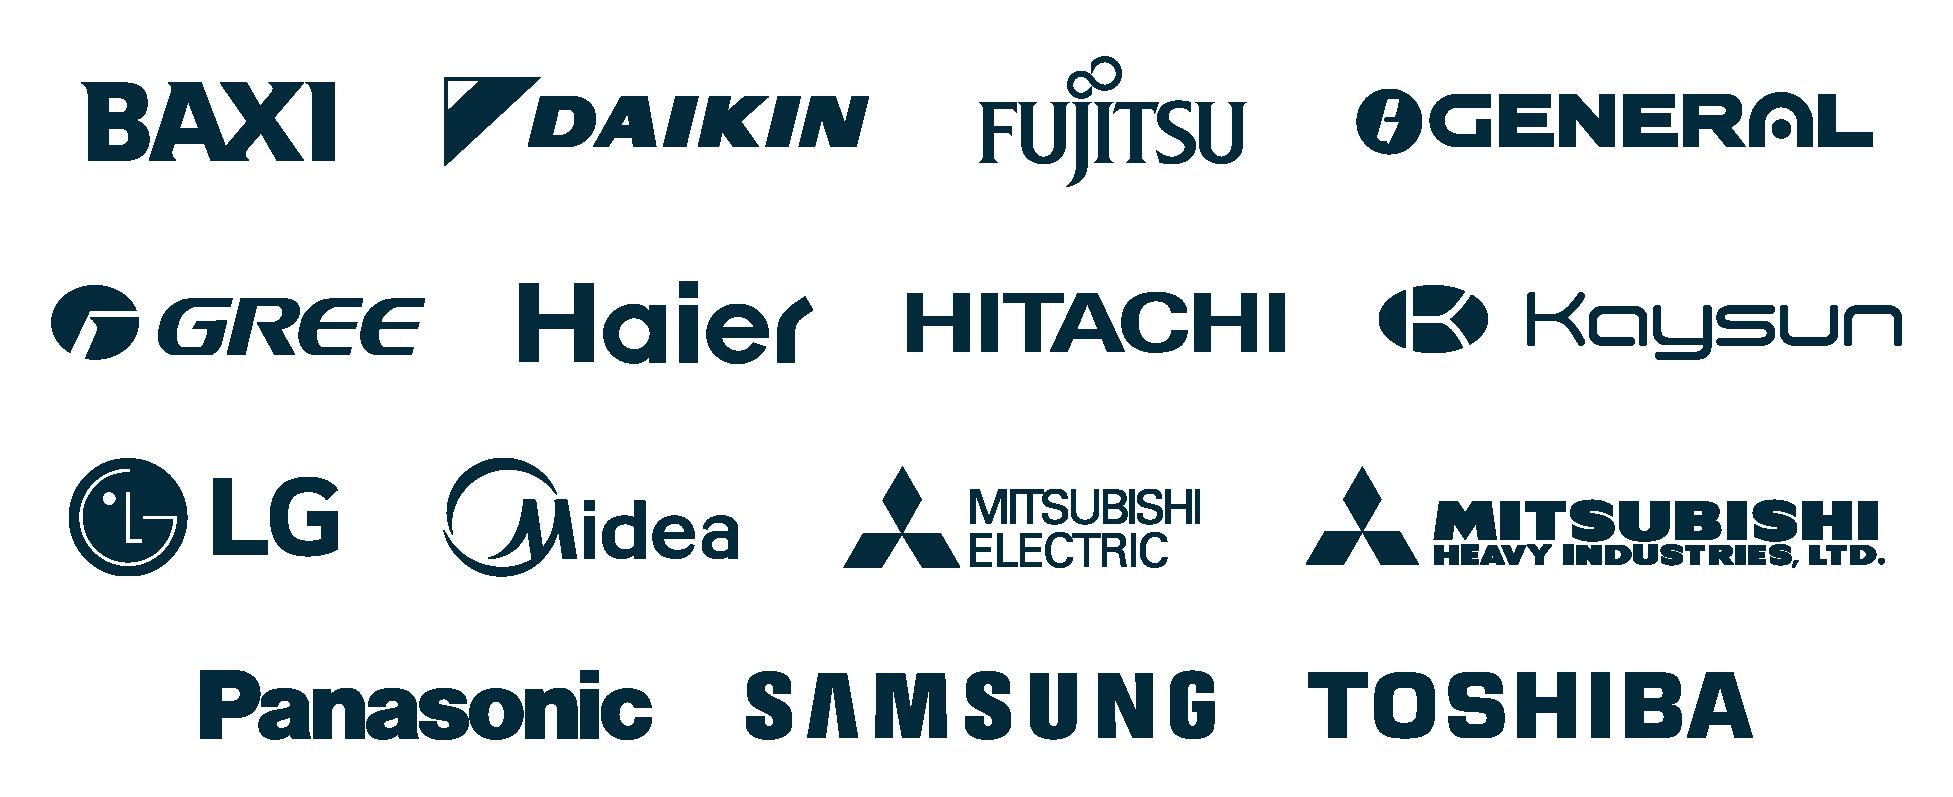 Fabricants compatibles avec les systèmes Airzone